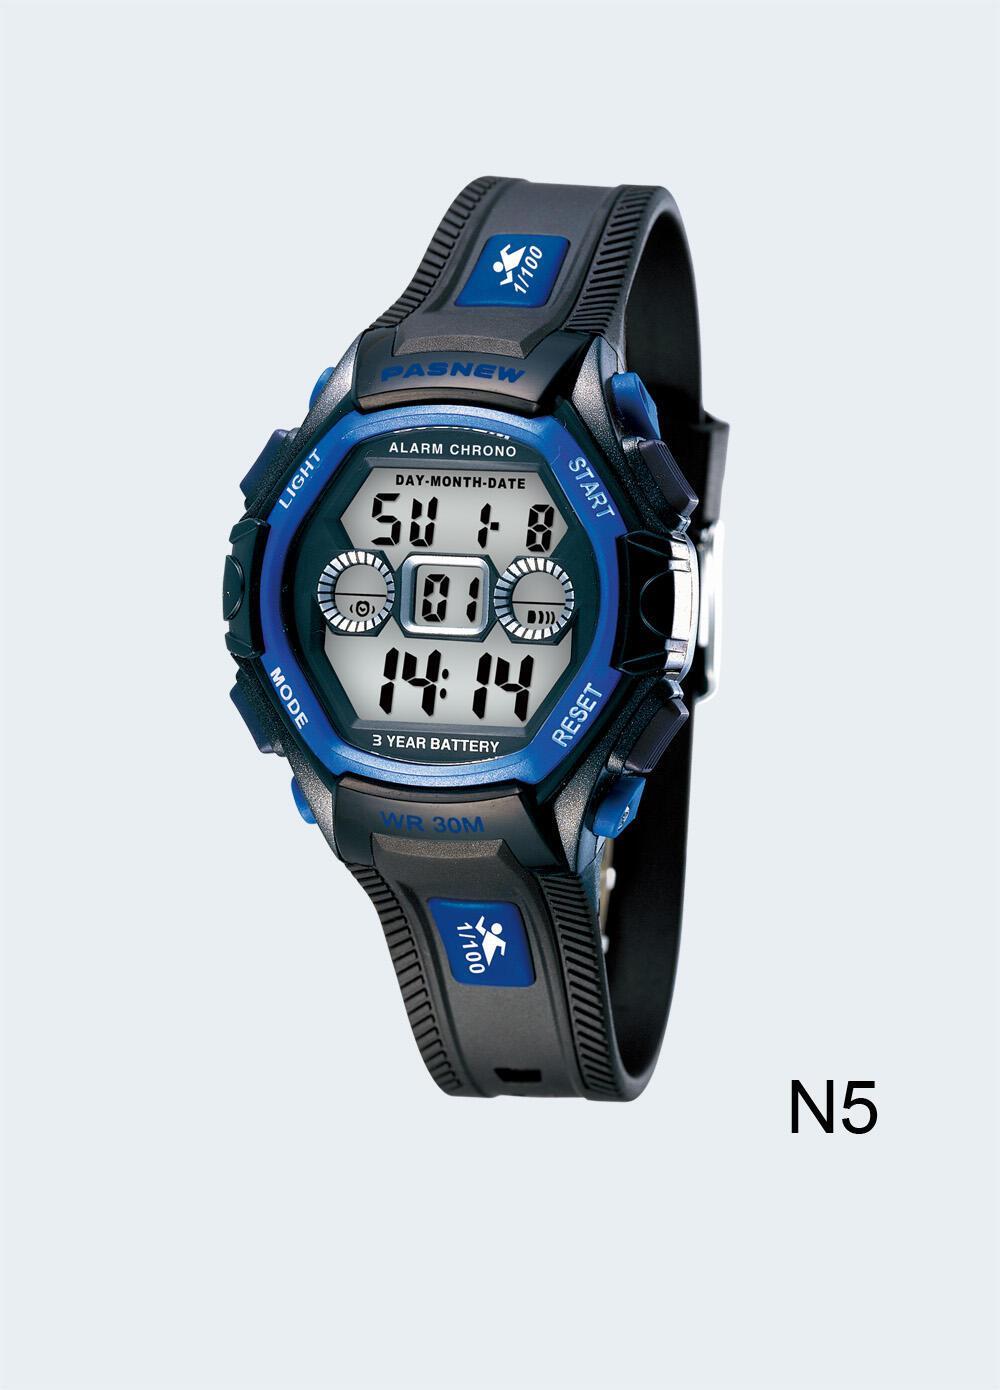 Đồng hồ thể thao điện tử PASNEW PSE-251G